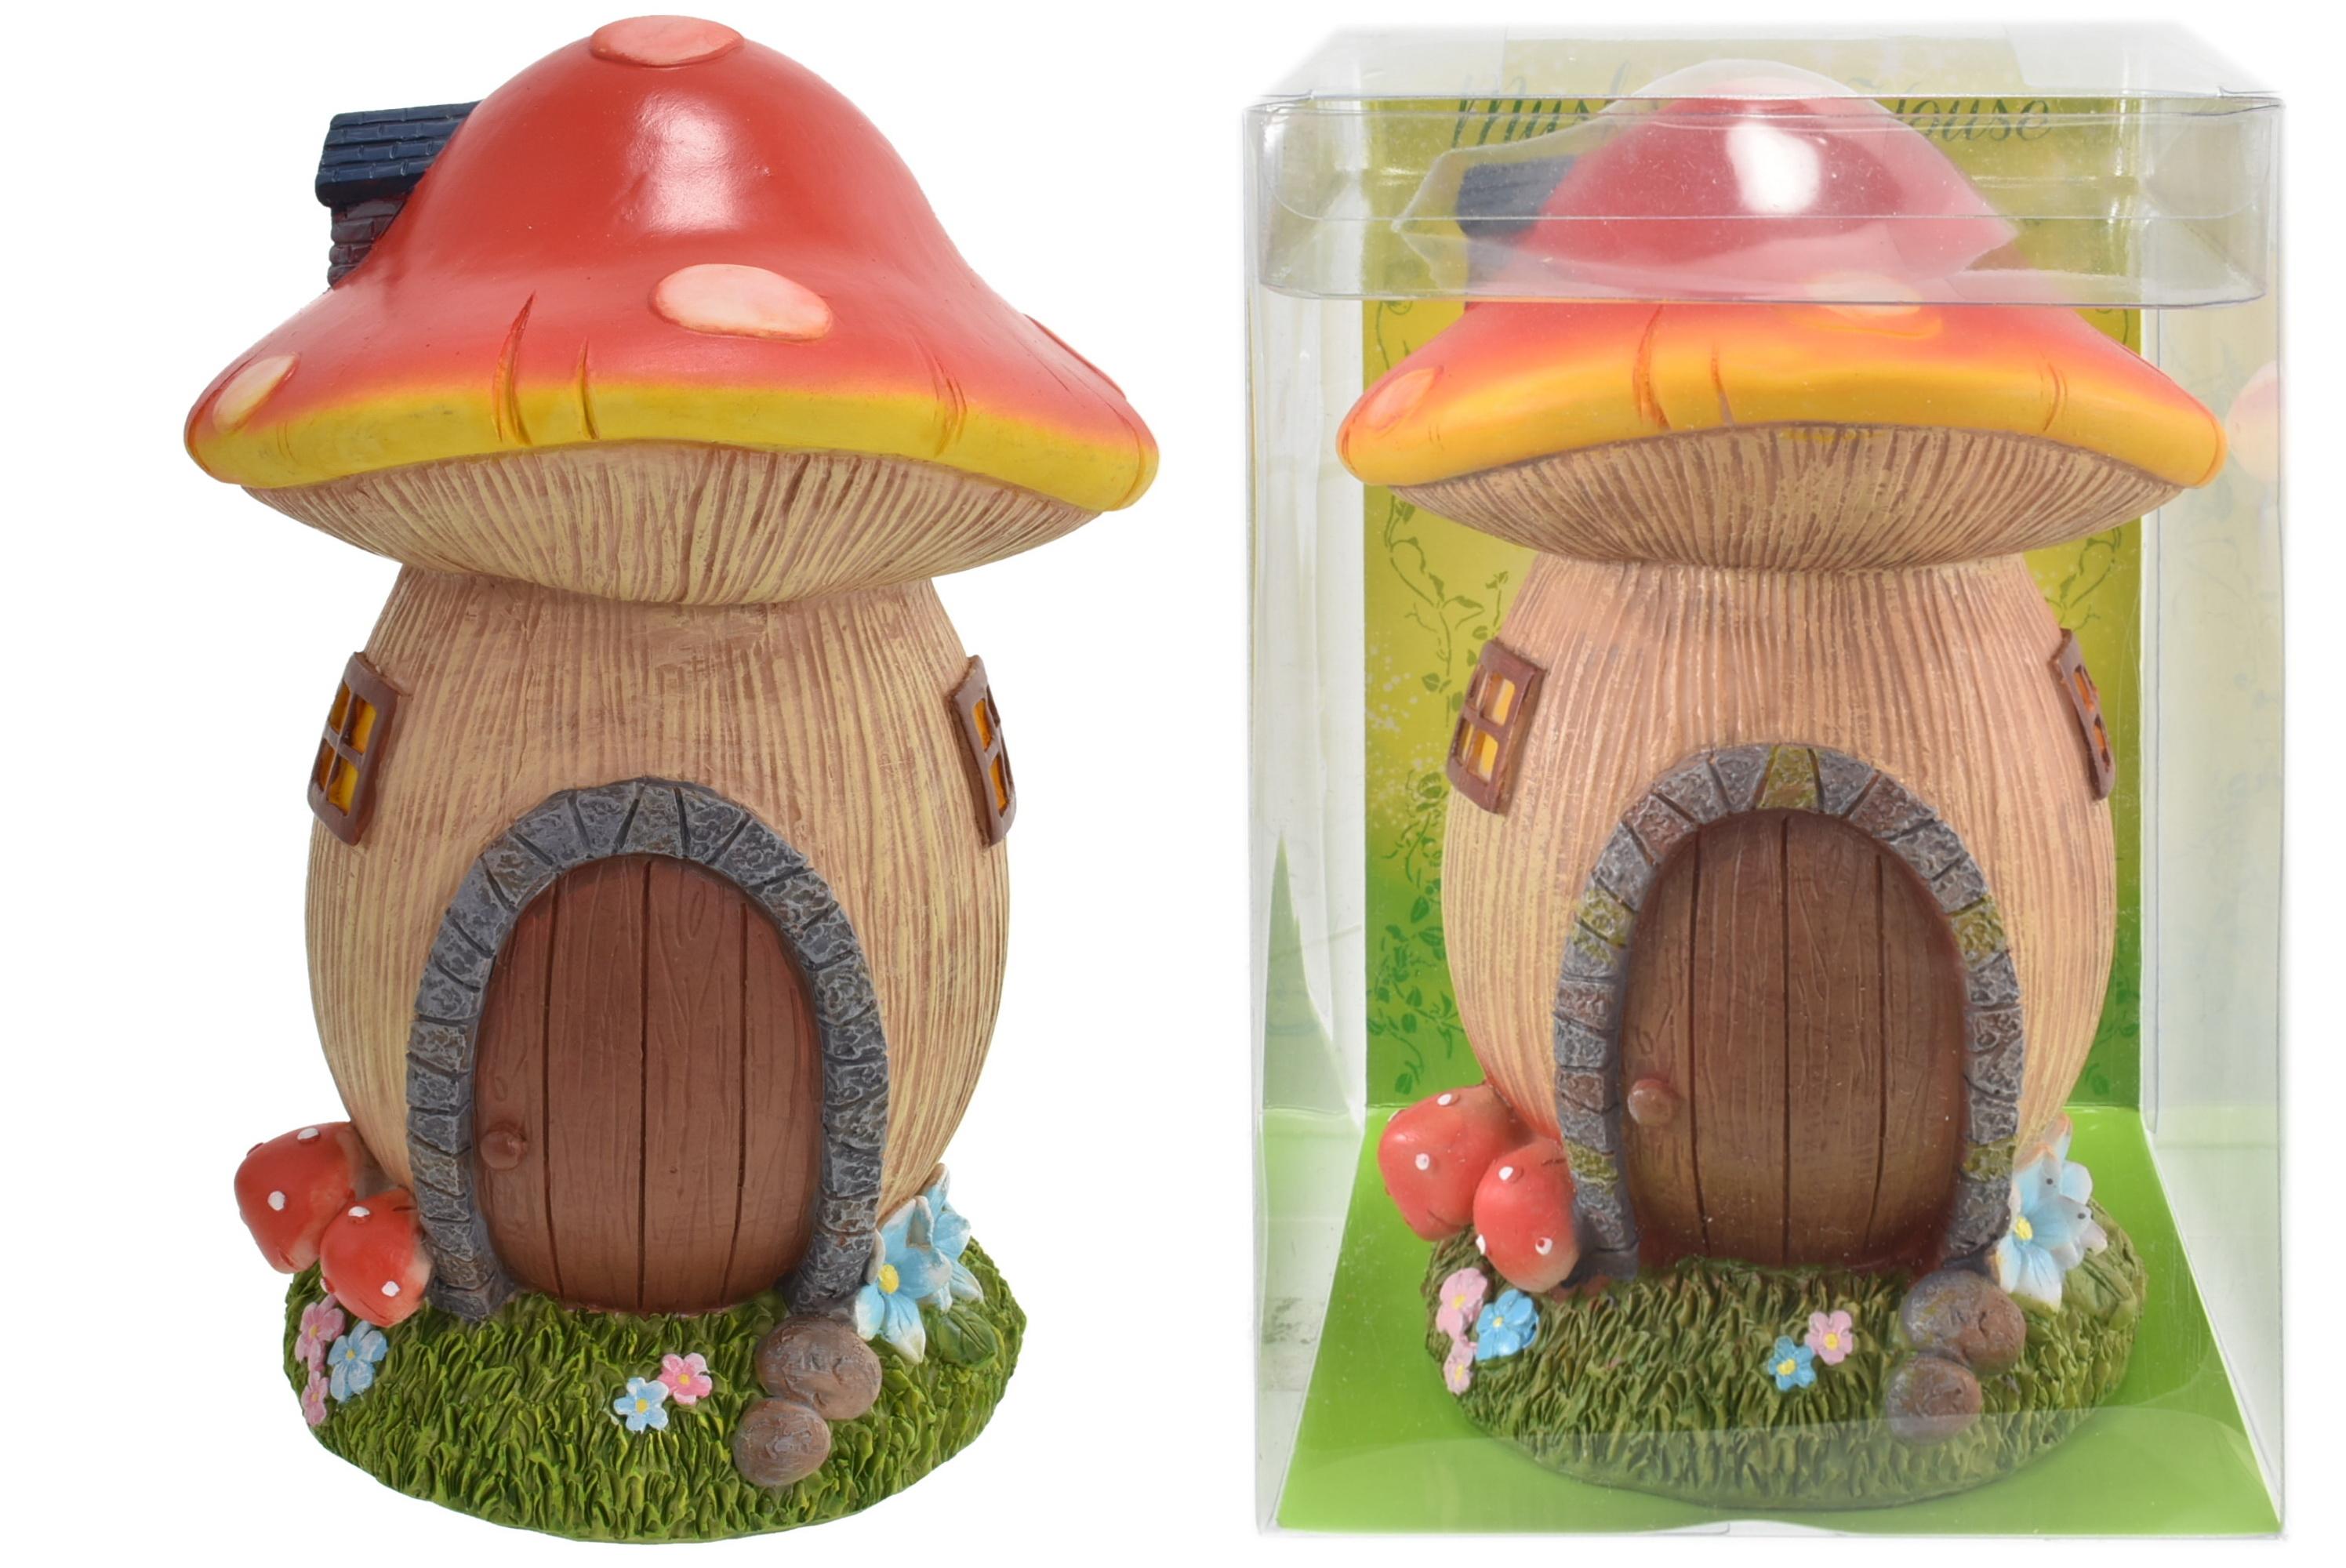 18cm Mushroom House In Acetate Box